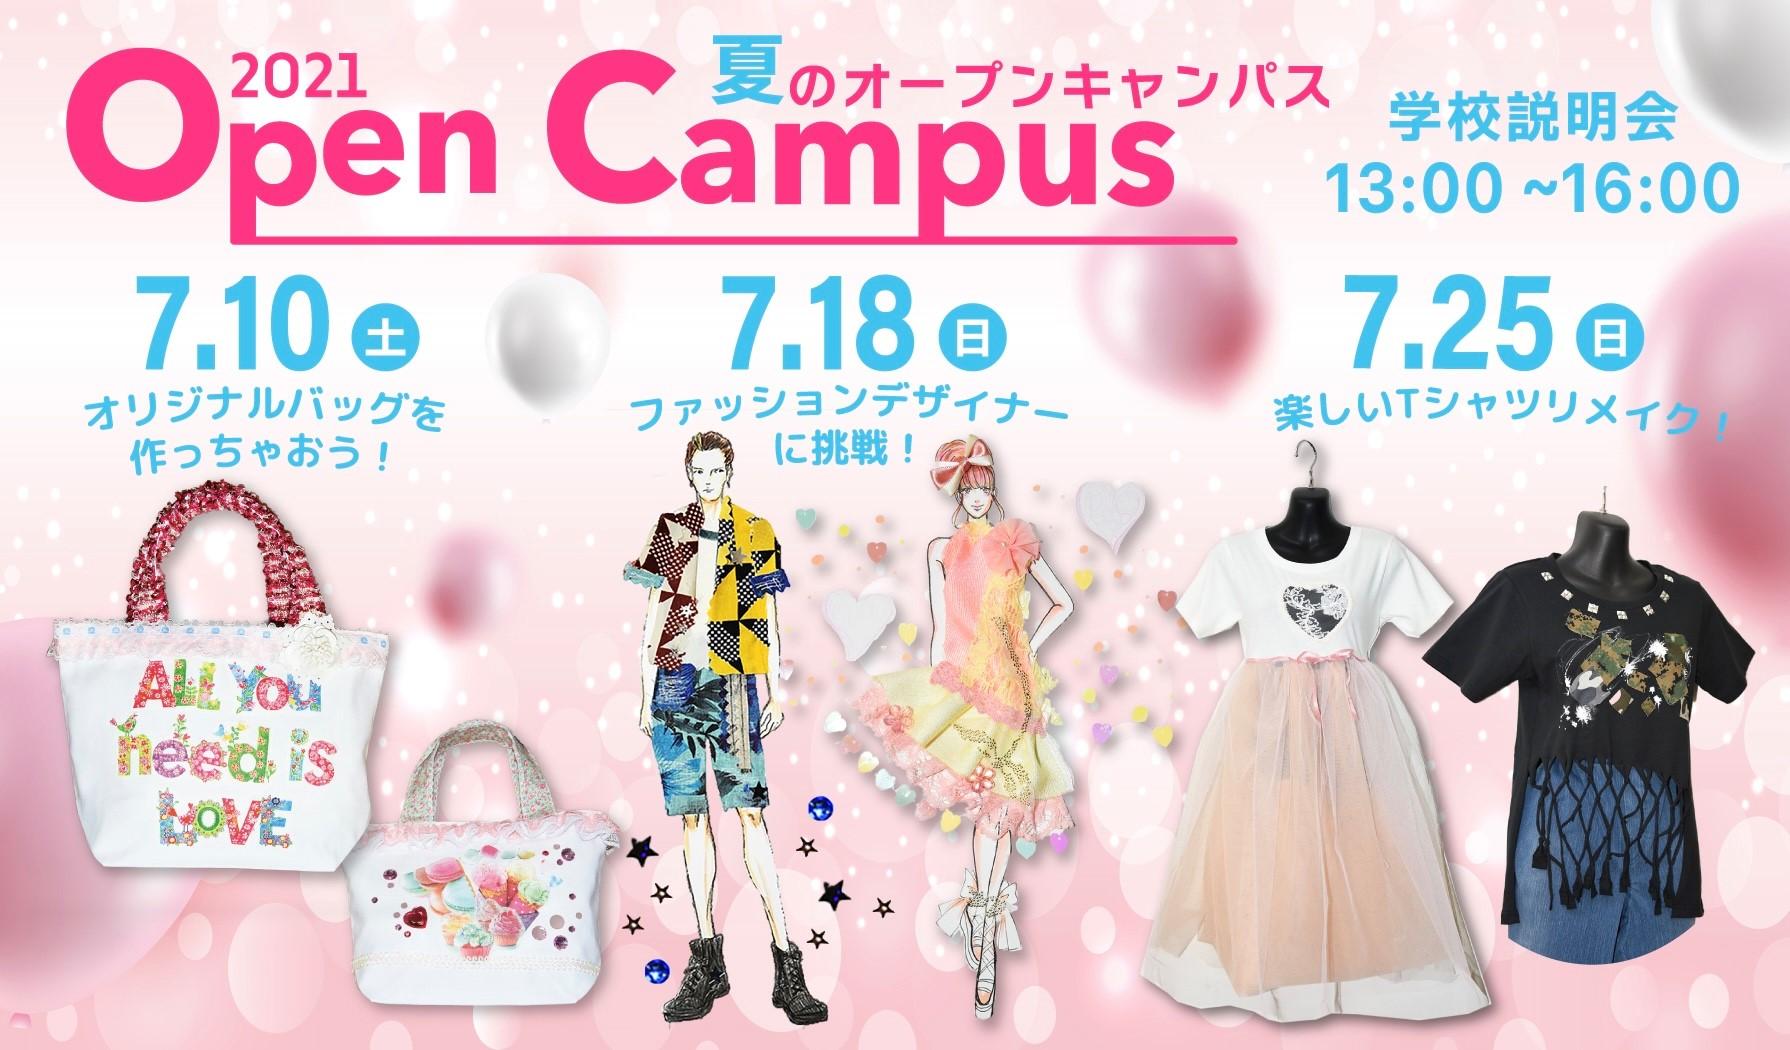 江東服飾高等専修学校 - オープンキャンパス 2021年7月